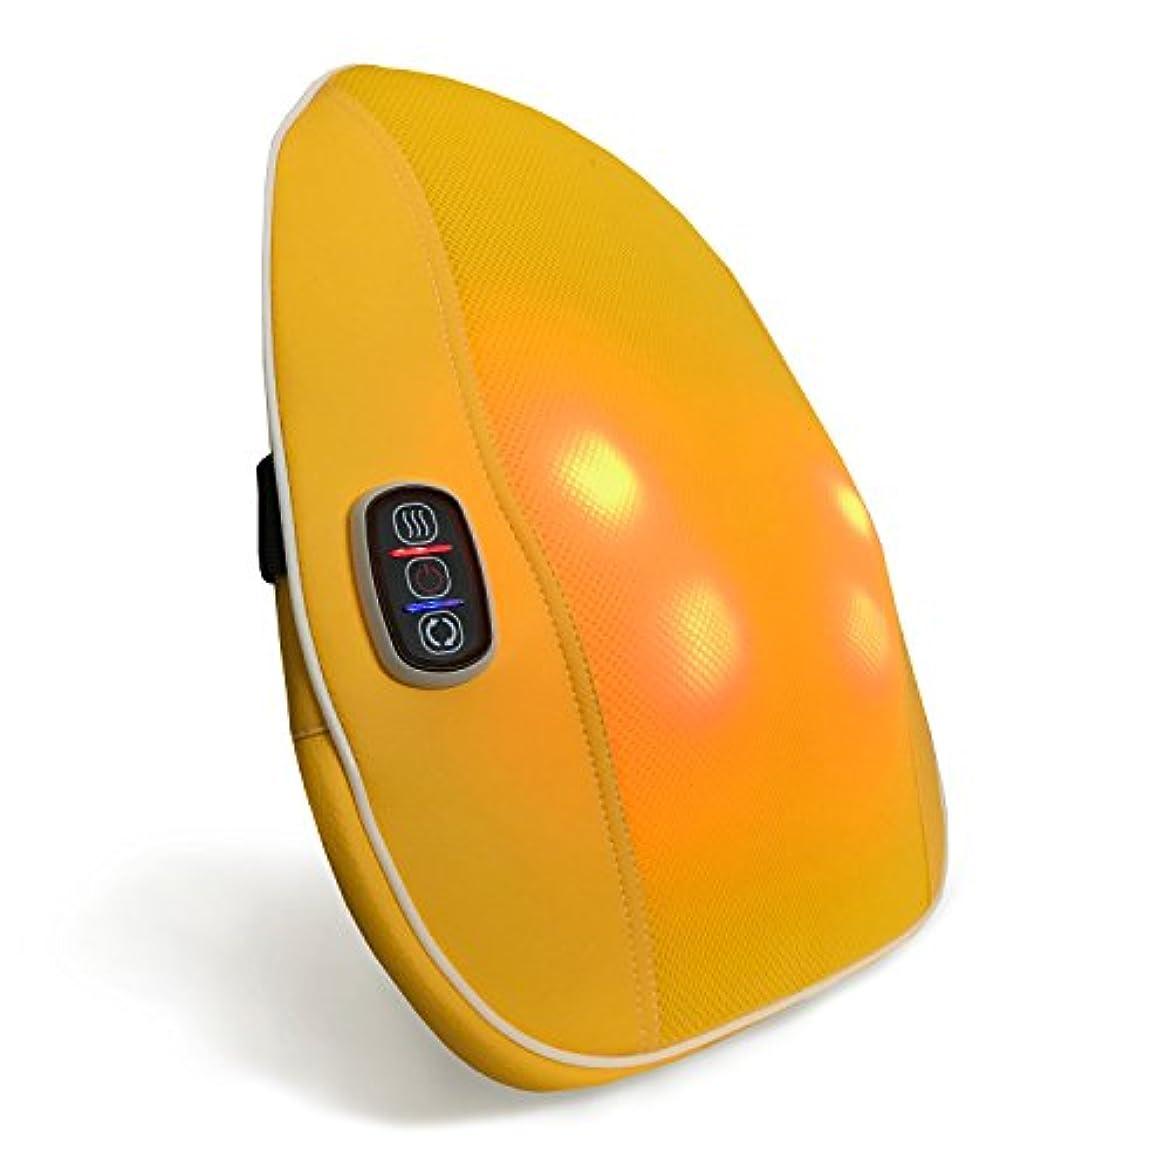 荒野匹敵しますくるくるクロシオ スマートマッサージャー パプリカ イエロー 幅40cm 厚み9cm もみ玉式マッサージ器 薄型 簡単操作 マッサージクッション